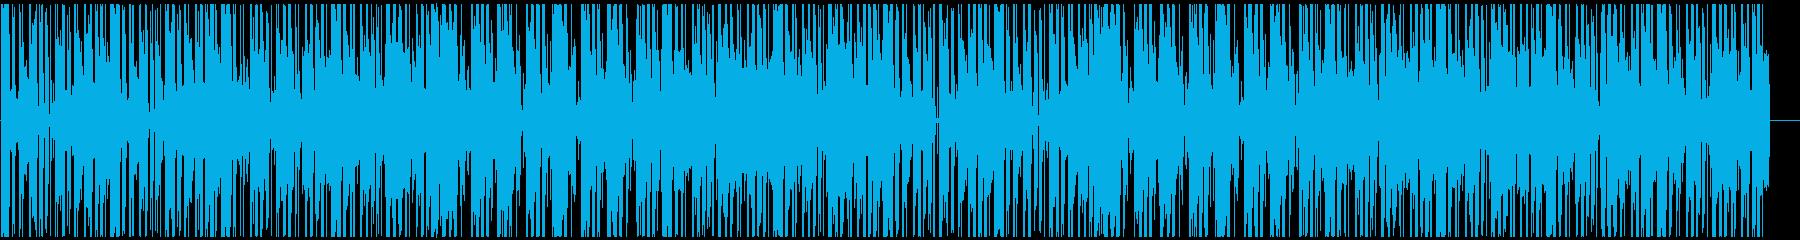 優しいイメージのR&B POPの再生済みの波形